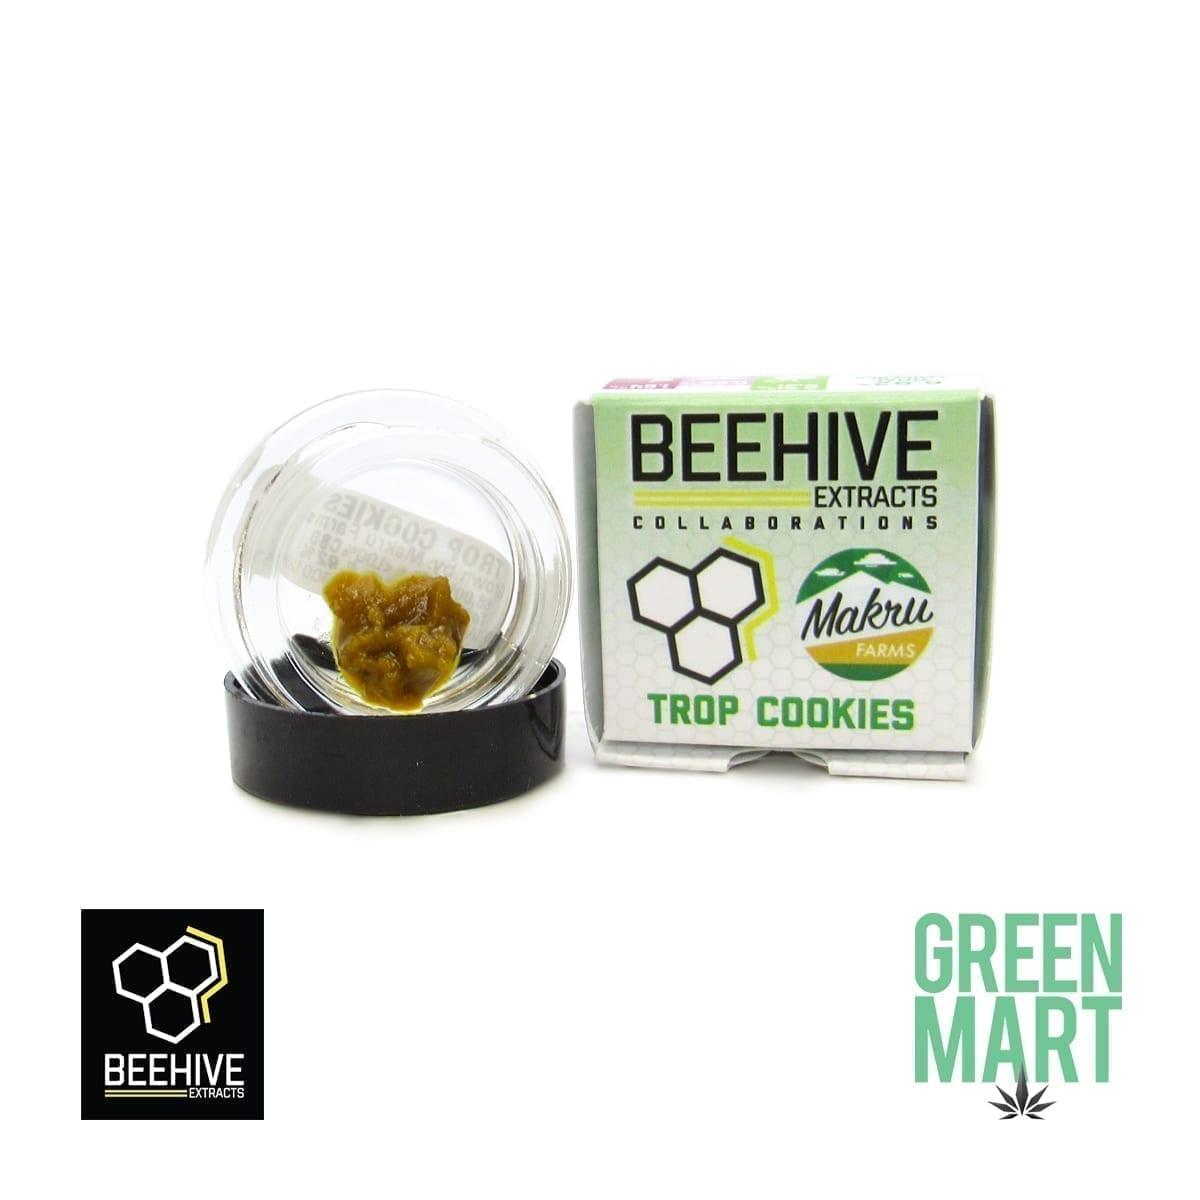 Bee Hive Extracts - Trop Cookies